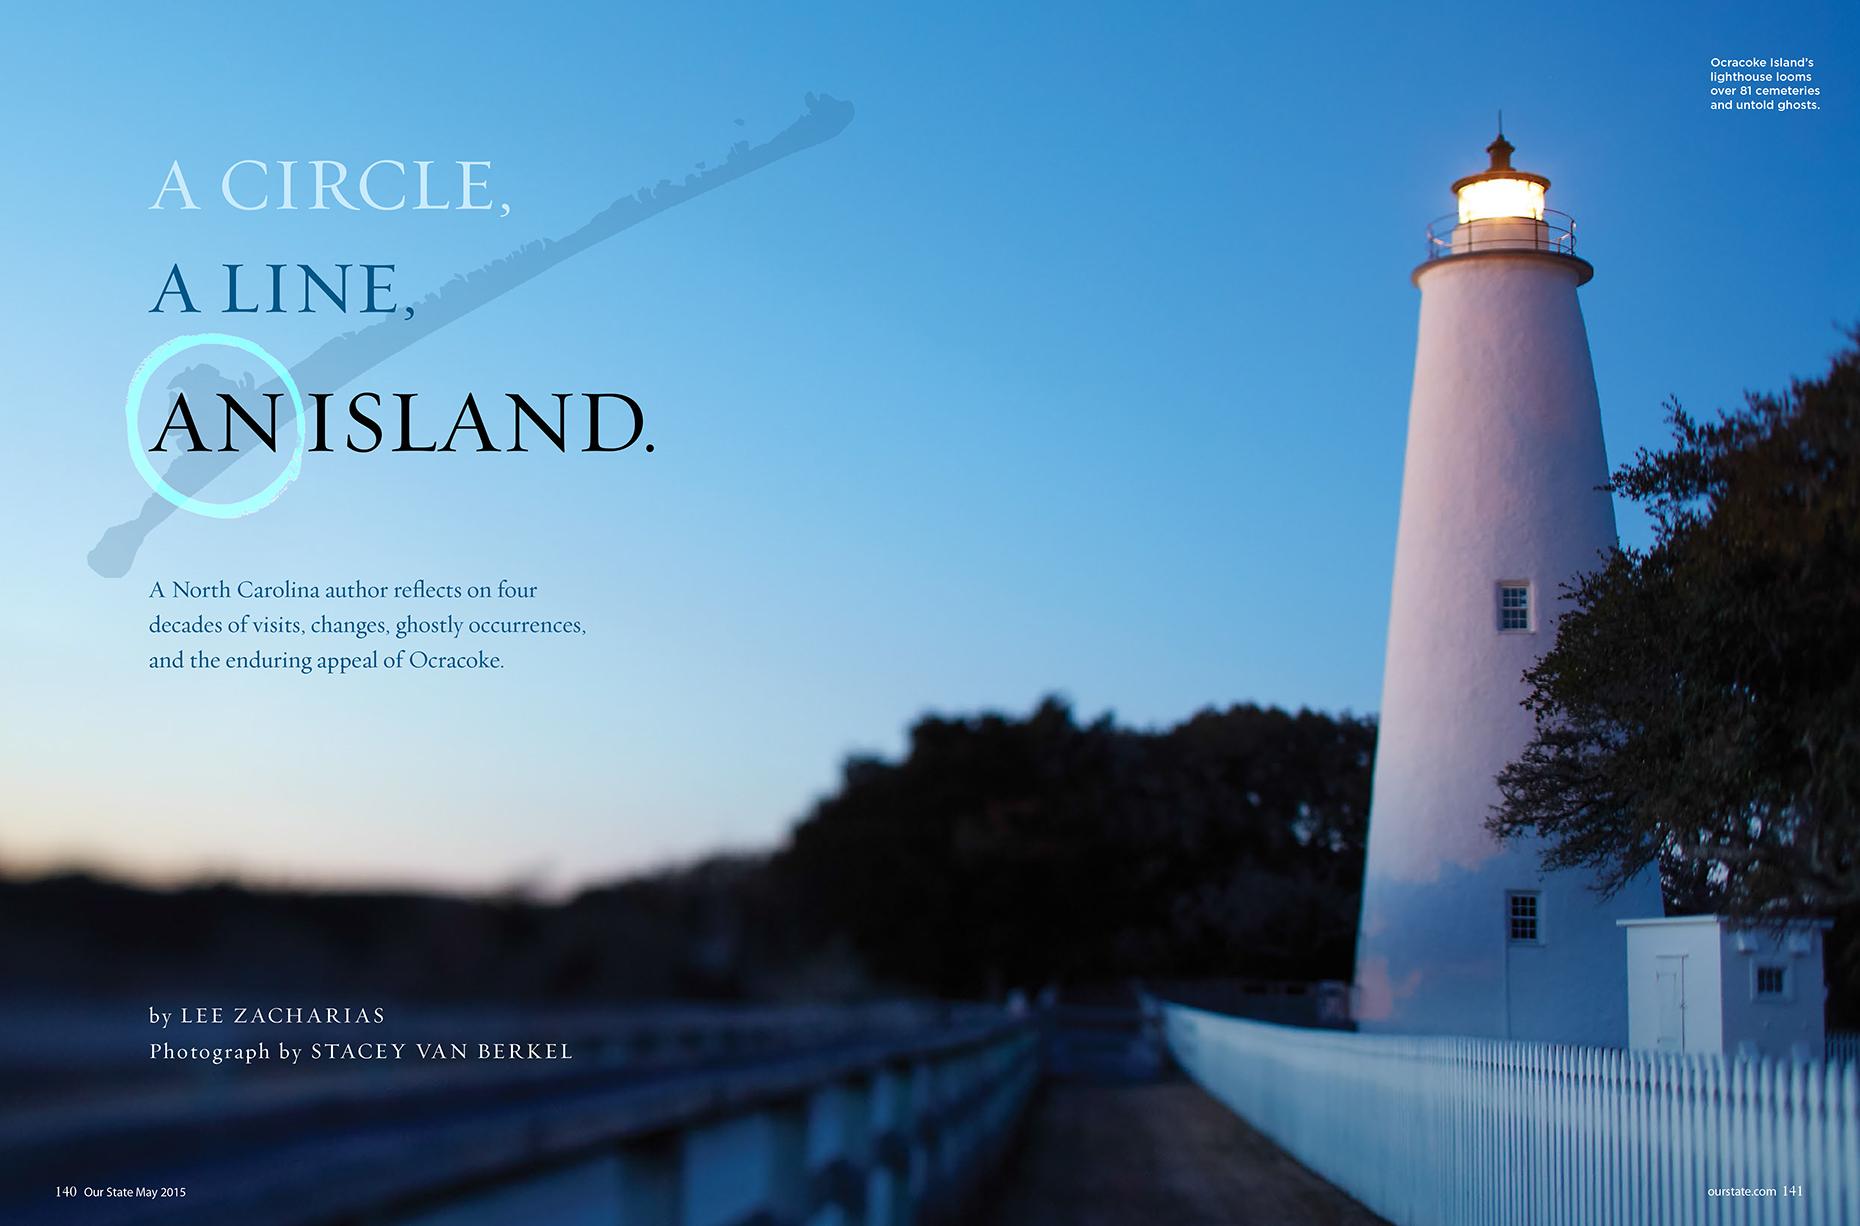 071_M_OS_May2015_Ocracoke-1_TS.jpg